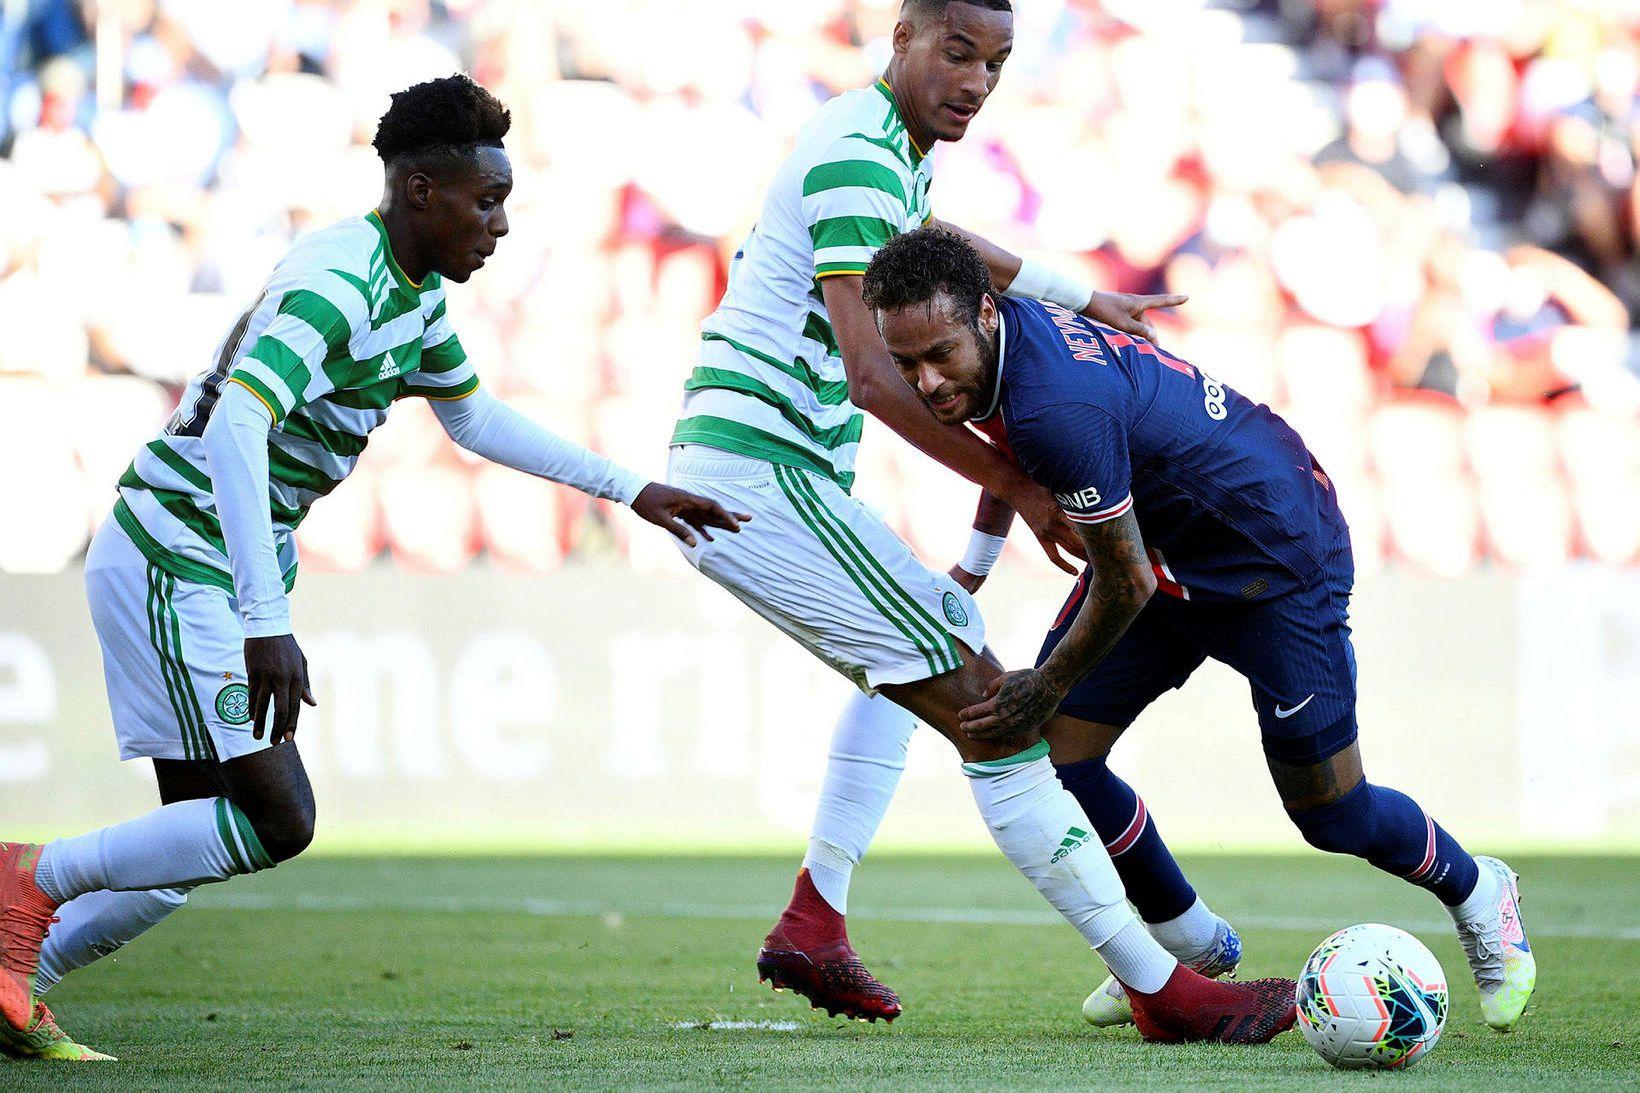 Leikmenn Celtic gegn Neymar í æfingaleik í sumar.